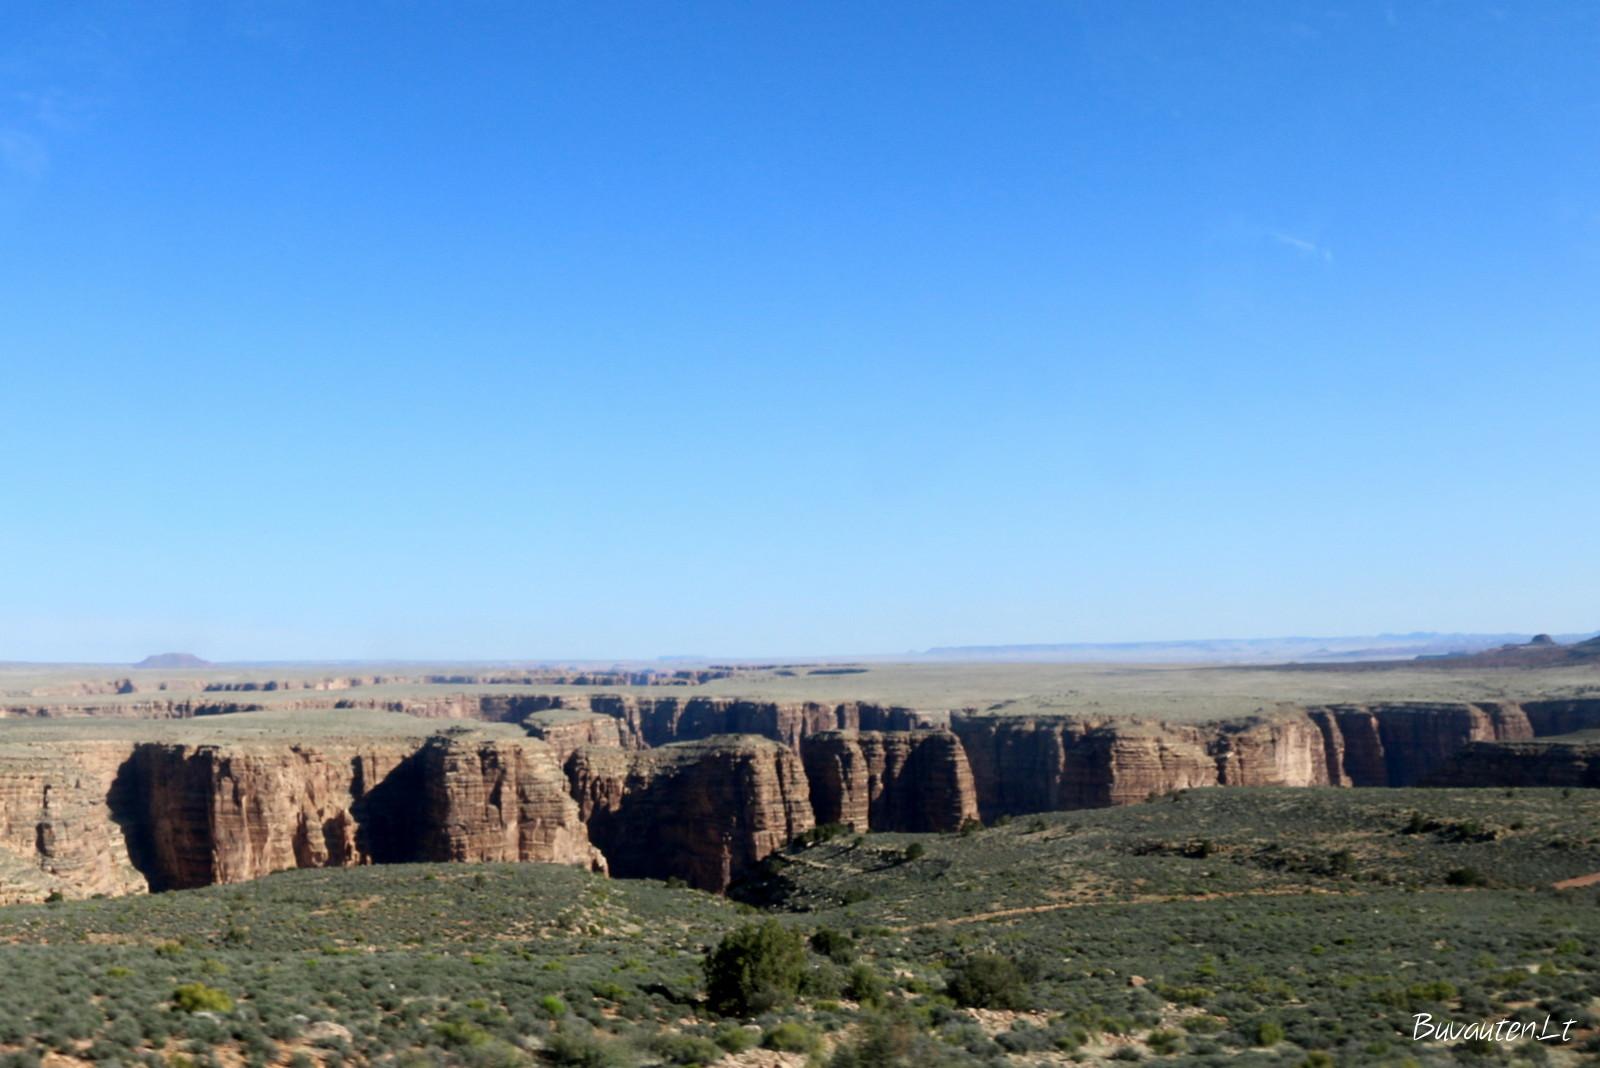 Perskilusi žemė matosi dar neįvažiavus į Didžiojo kanjono nacionalinį parką